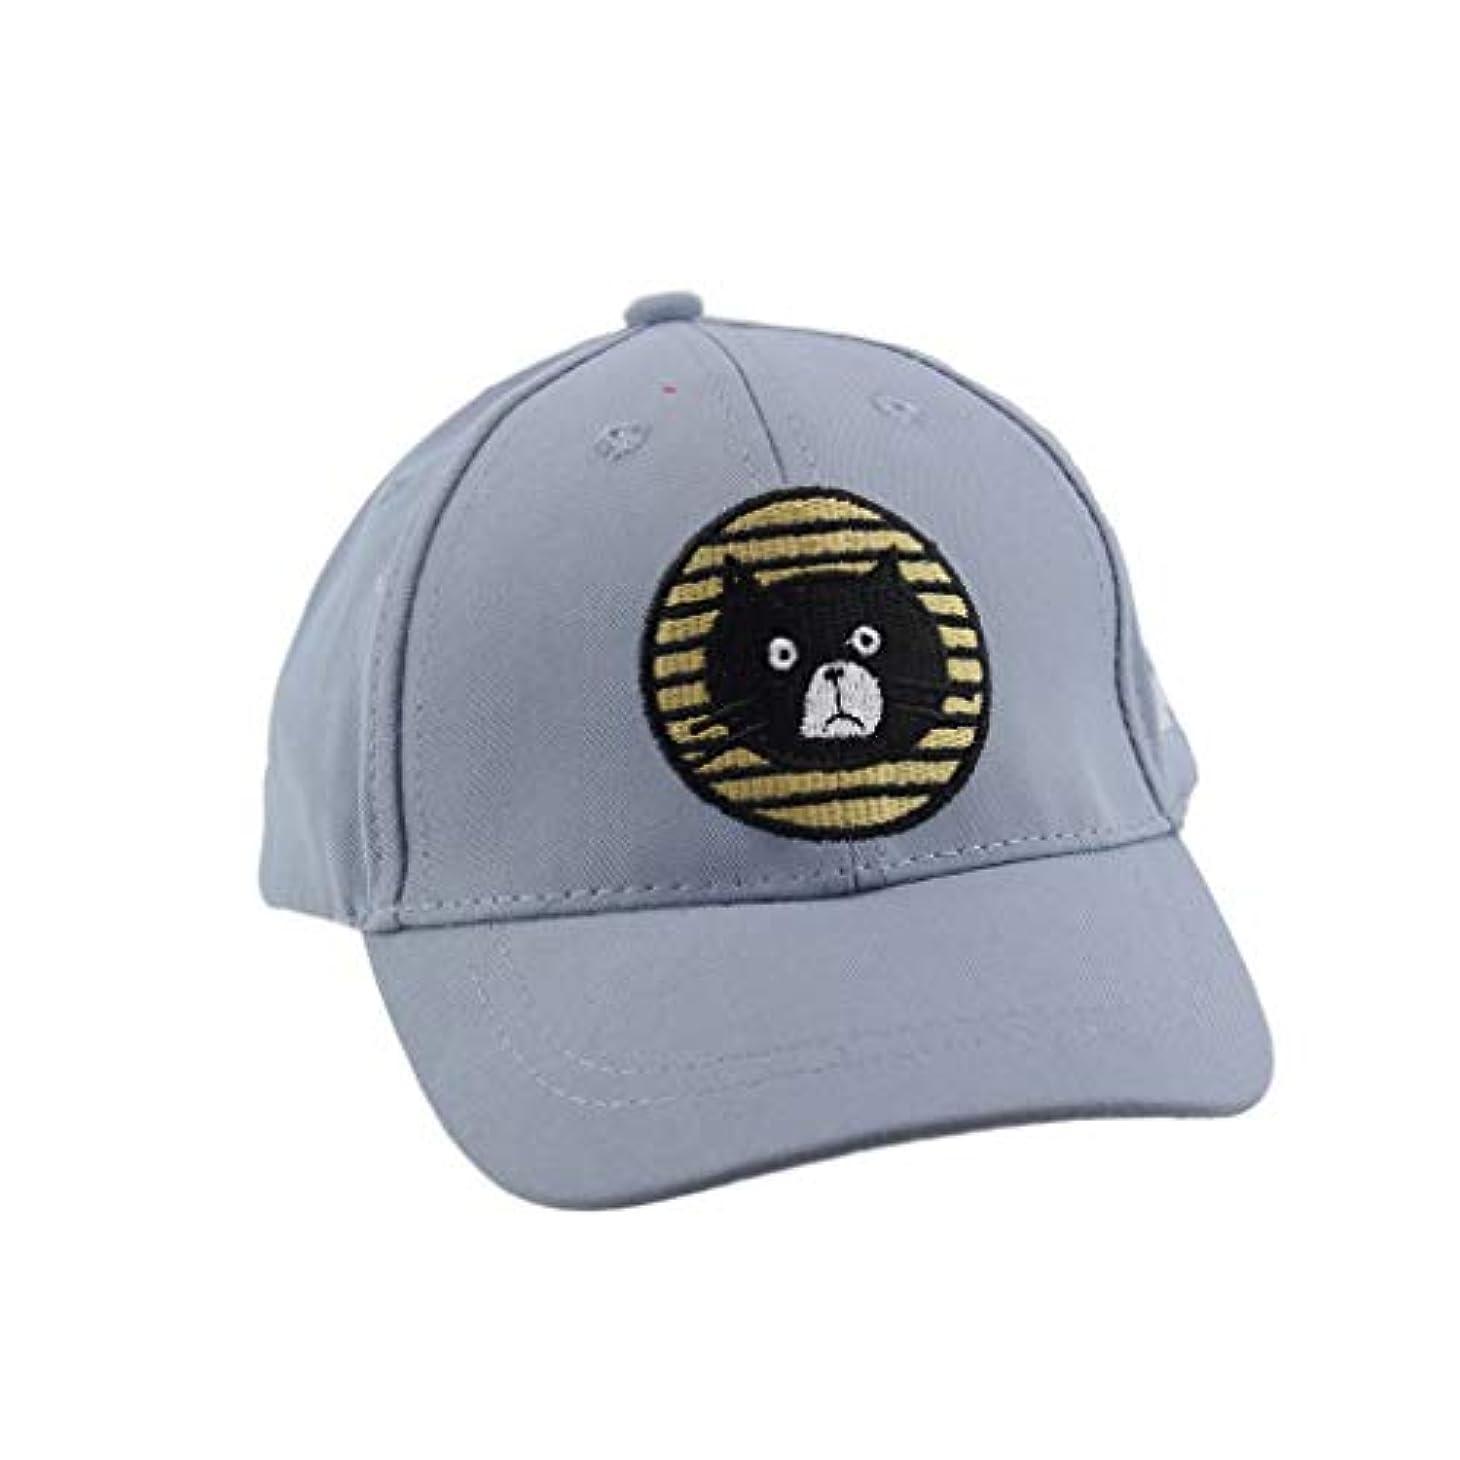 間接的午後テレビKaiweini 春夏新しい漁夫帽子供しゃれ ベビー帽 通気性抜群 日除け UVカット 紫外線対策スポーツ帽子男女兼用 速乾 軽薄 日よけ野球帽